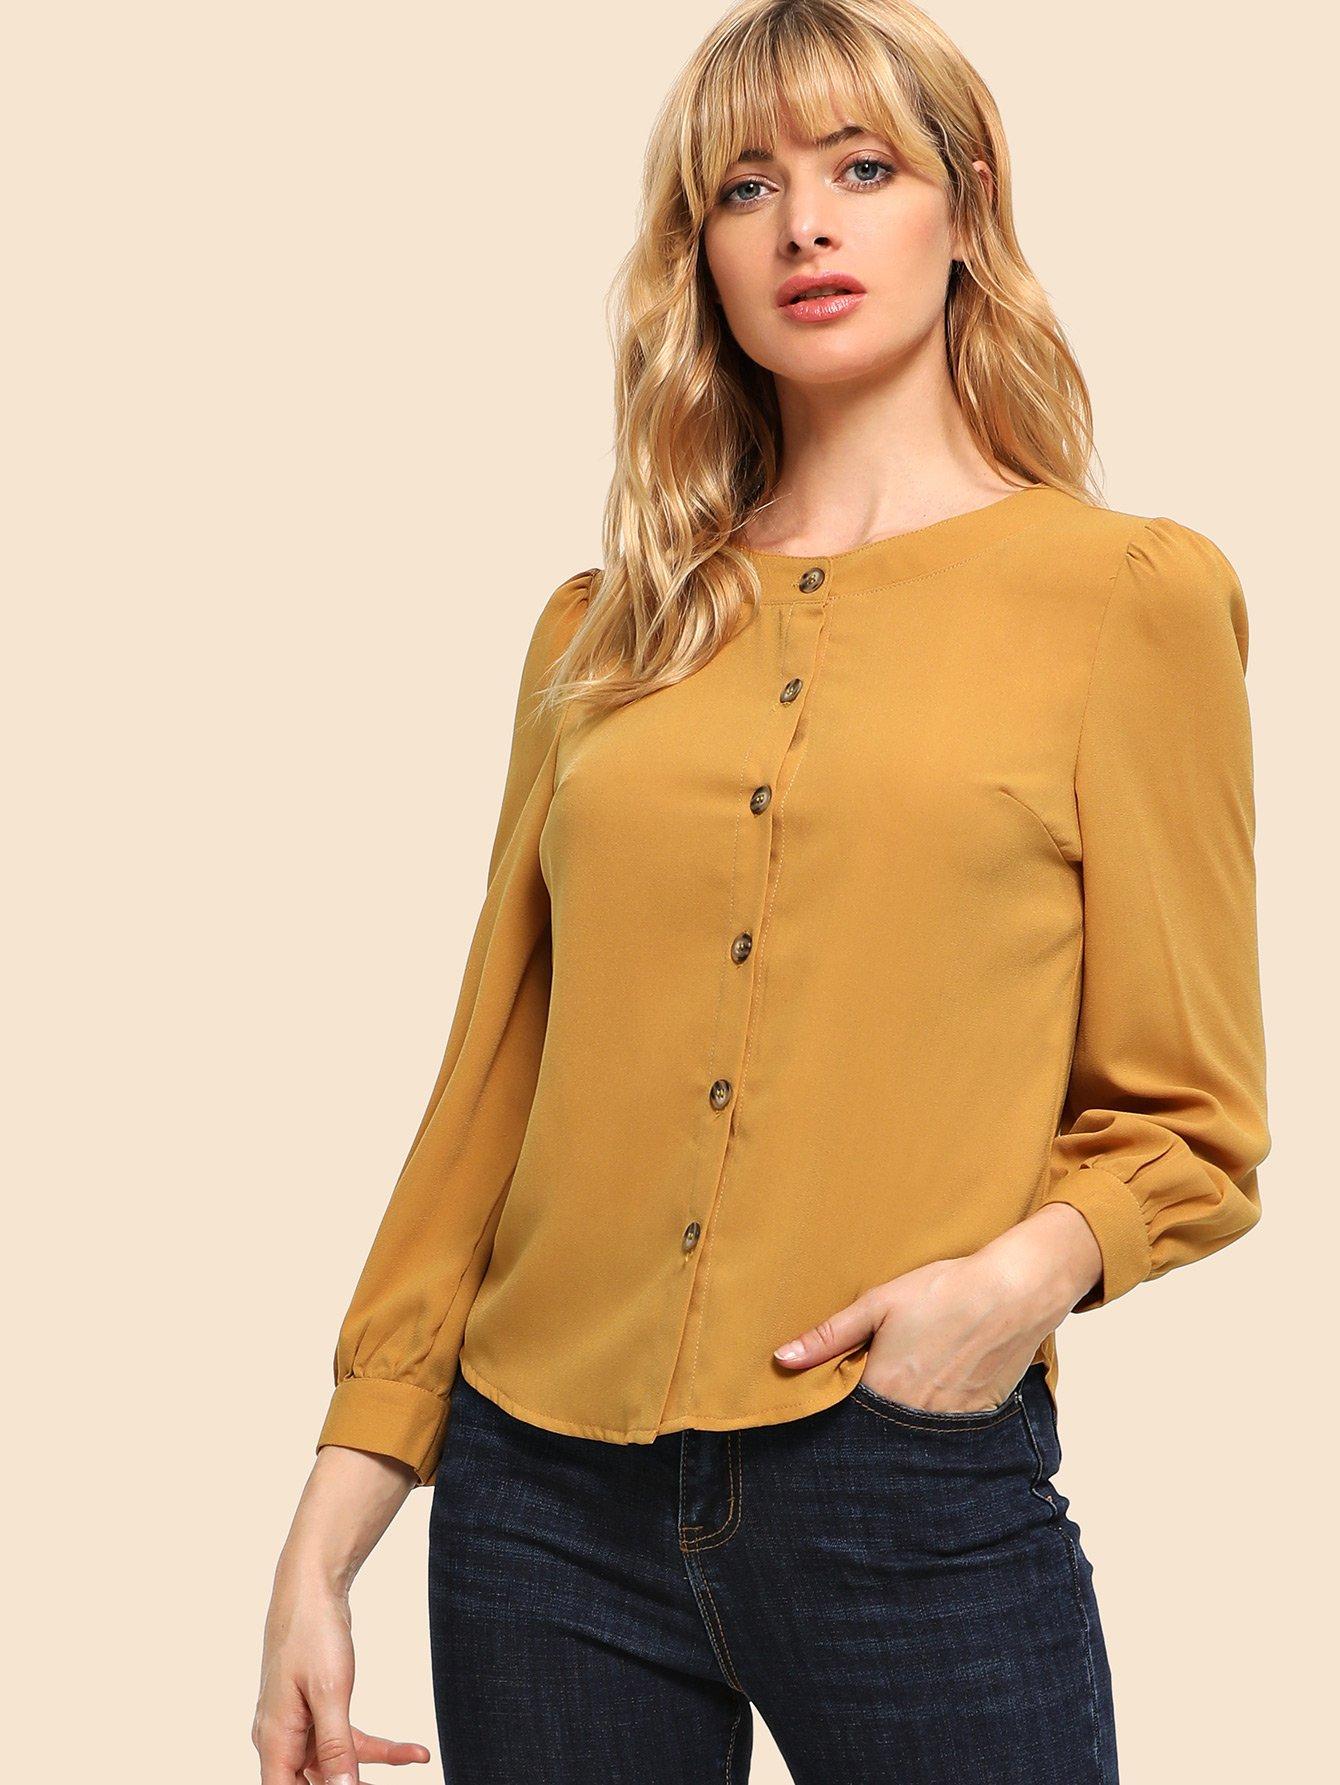 Фото - 80 'S рубашка с пышными рукавами от SheIn желтого цвета